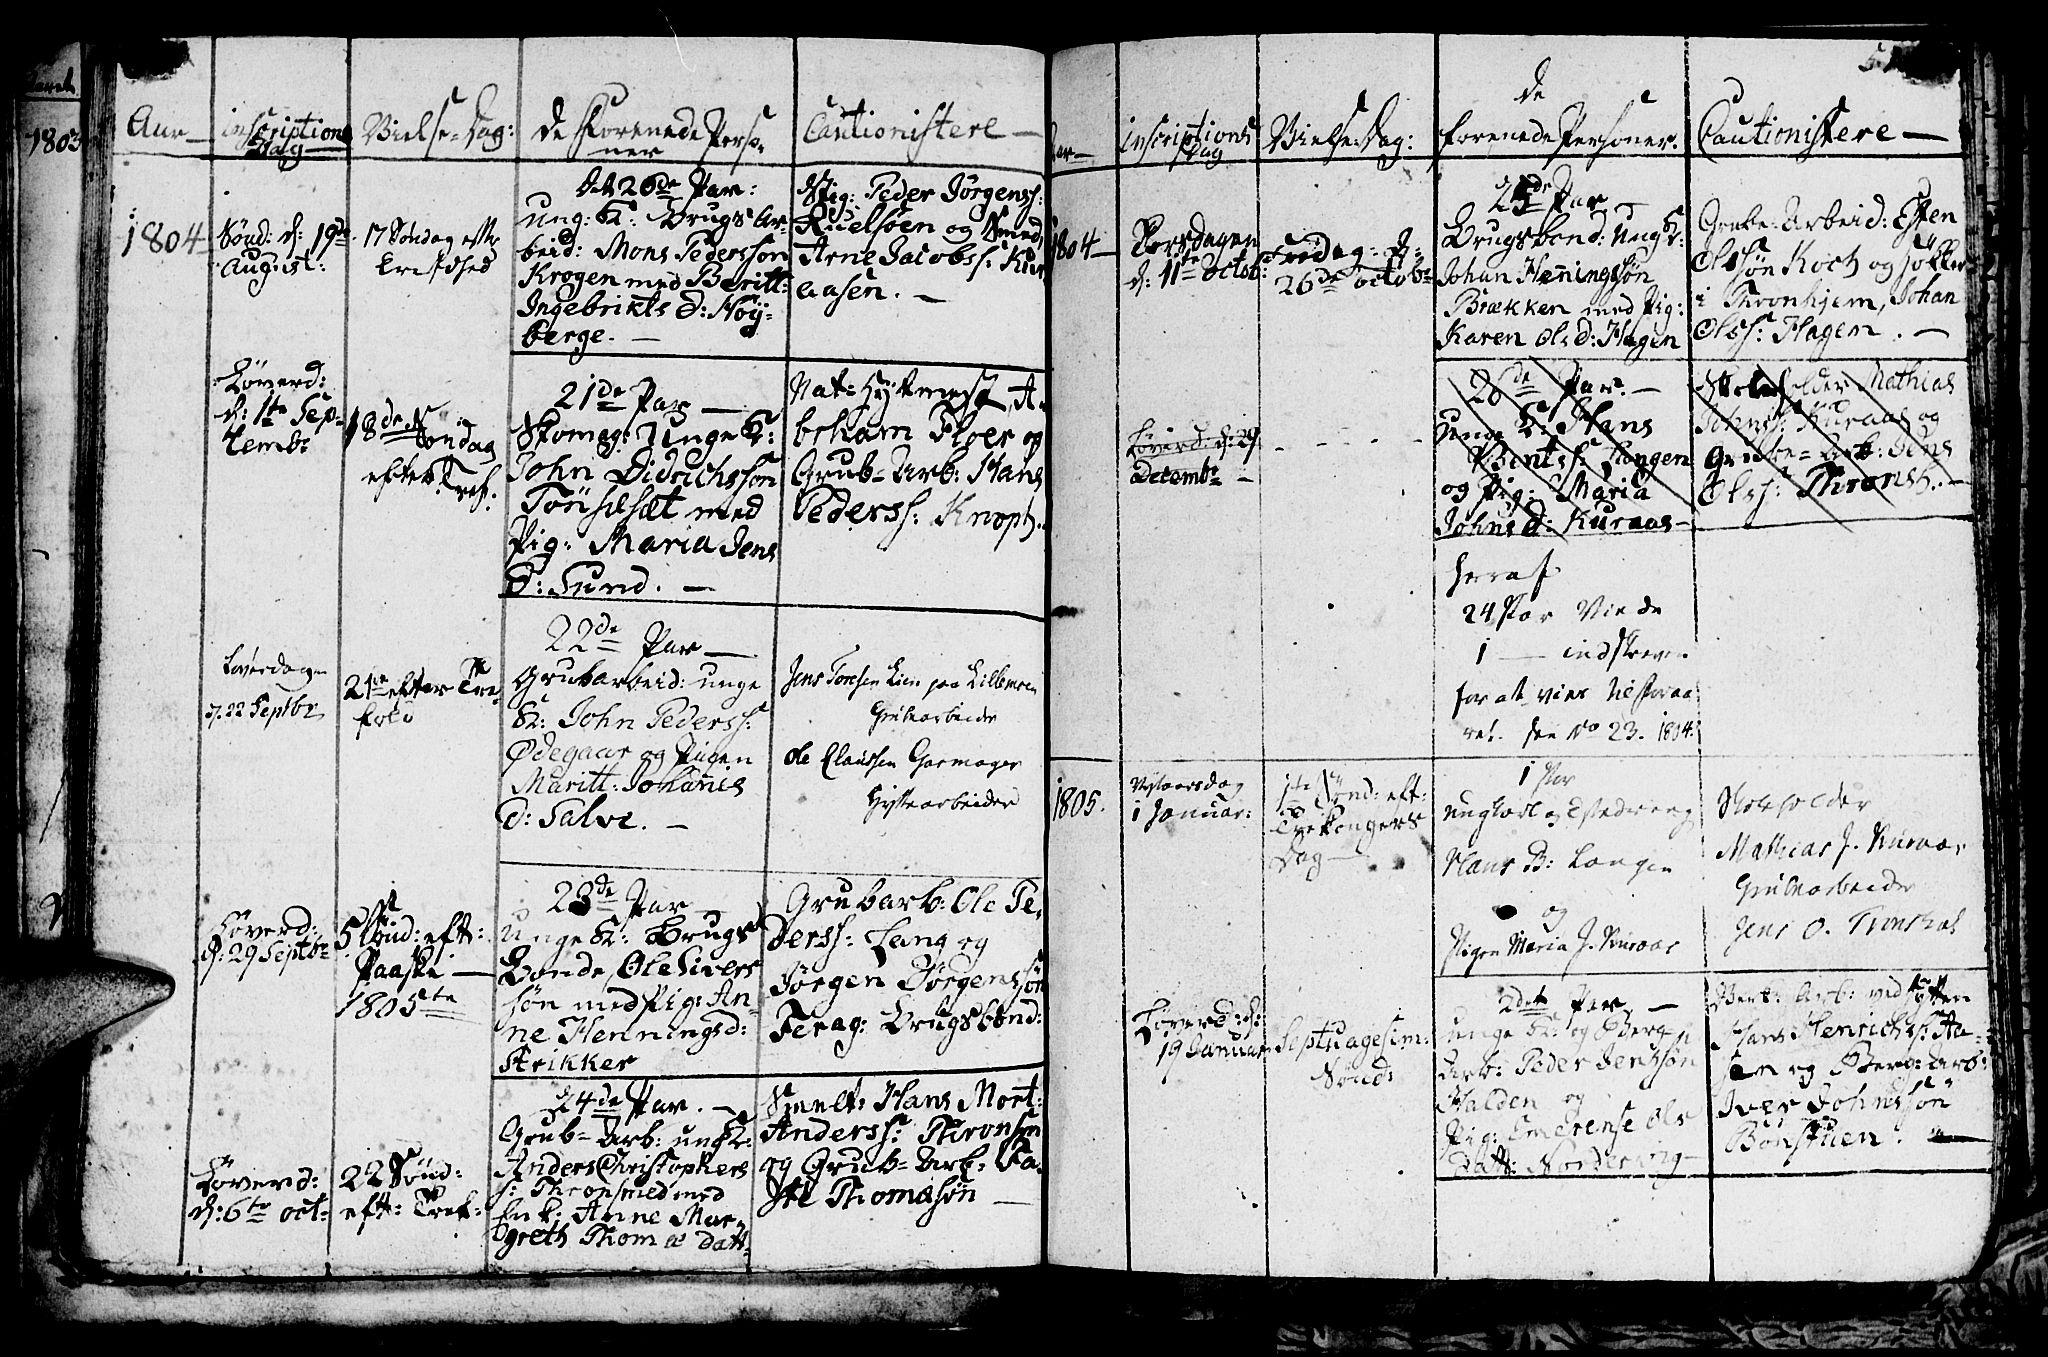 SAT, Ministerialprotokoller, klokkerbøker og fødselsregistre - Sør-Trøndelag, 681/L0937: Klokkerbok nr. 681C01, 1798-1810, s. 50-51